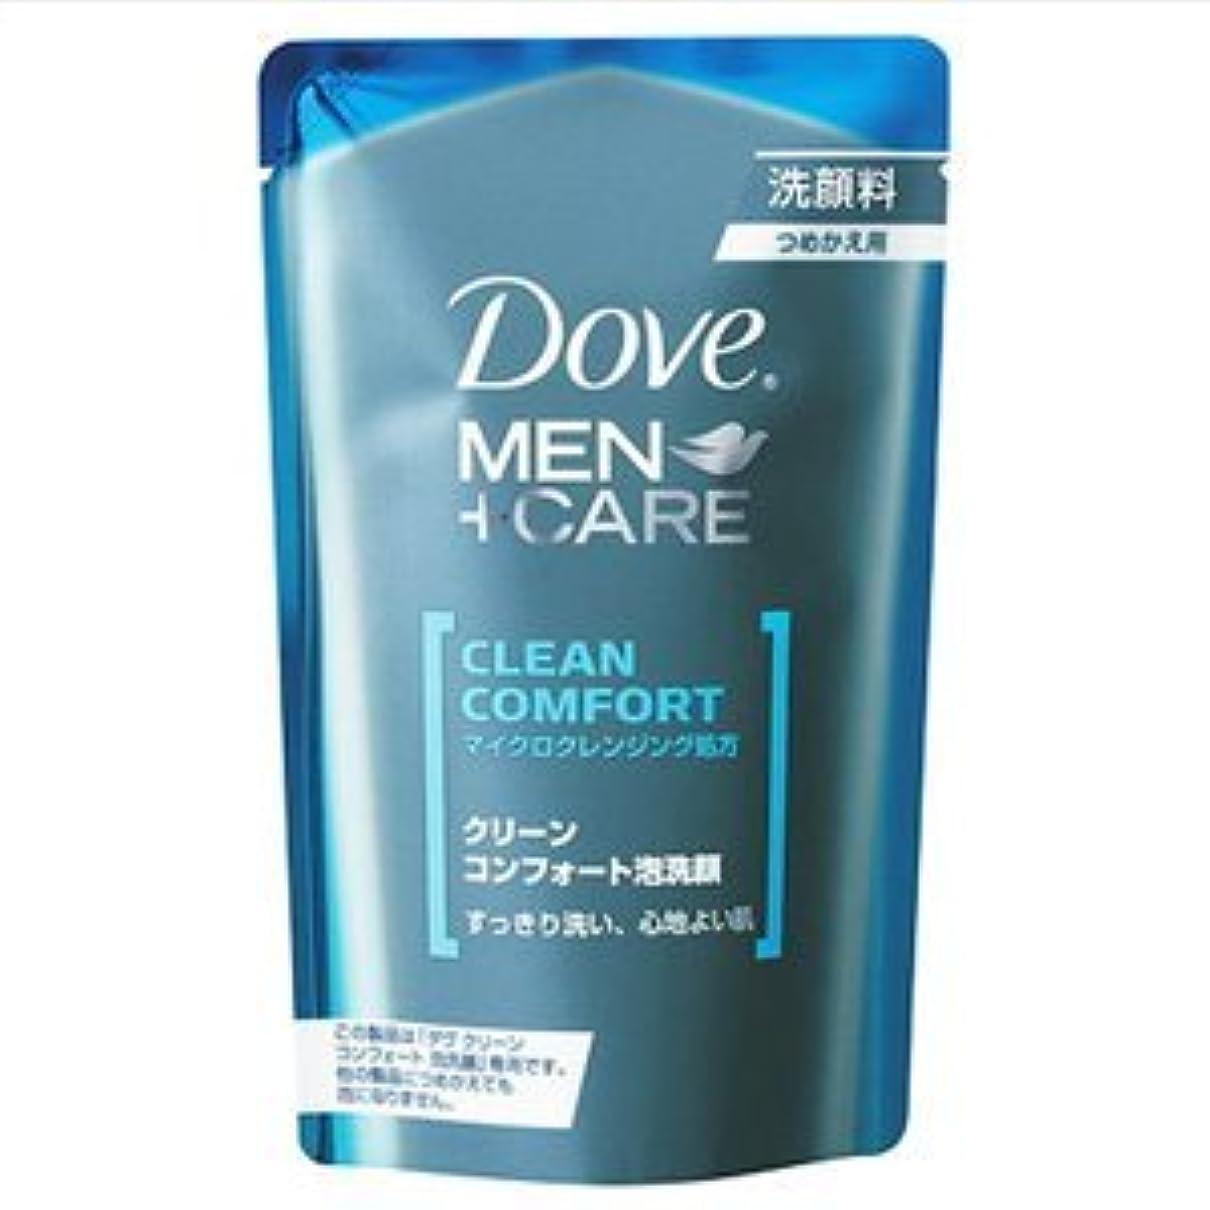 業界光沢適性ダヴCコンフォート泡洗顔替え110ML × 10個セット